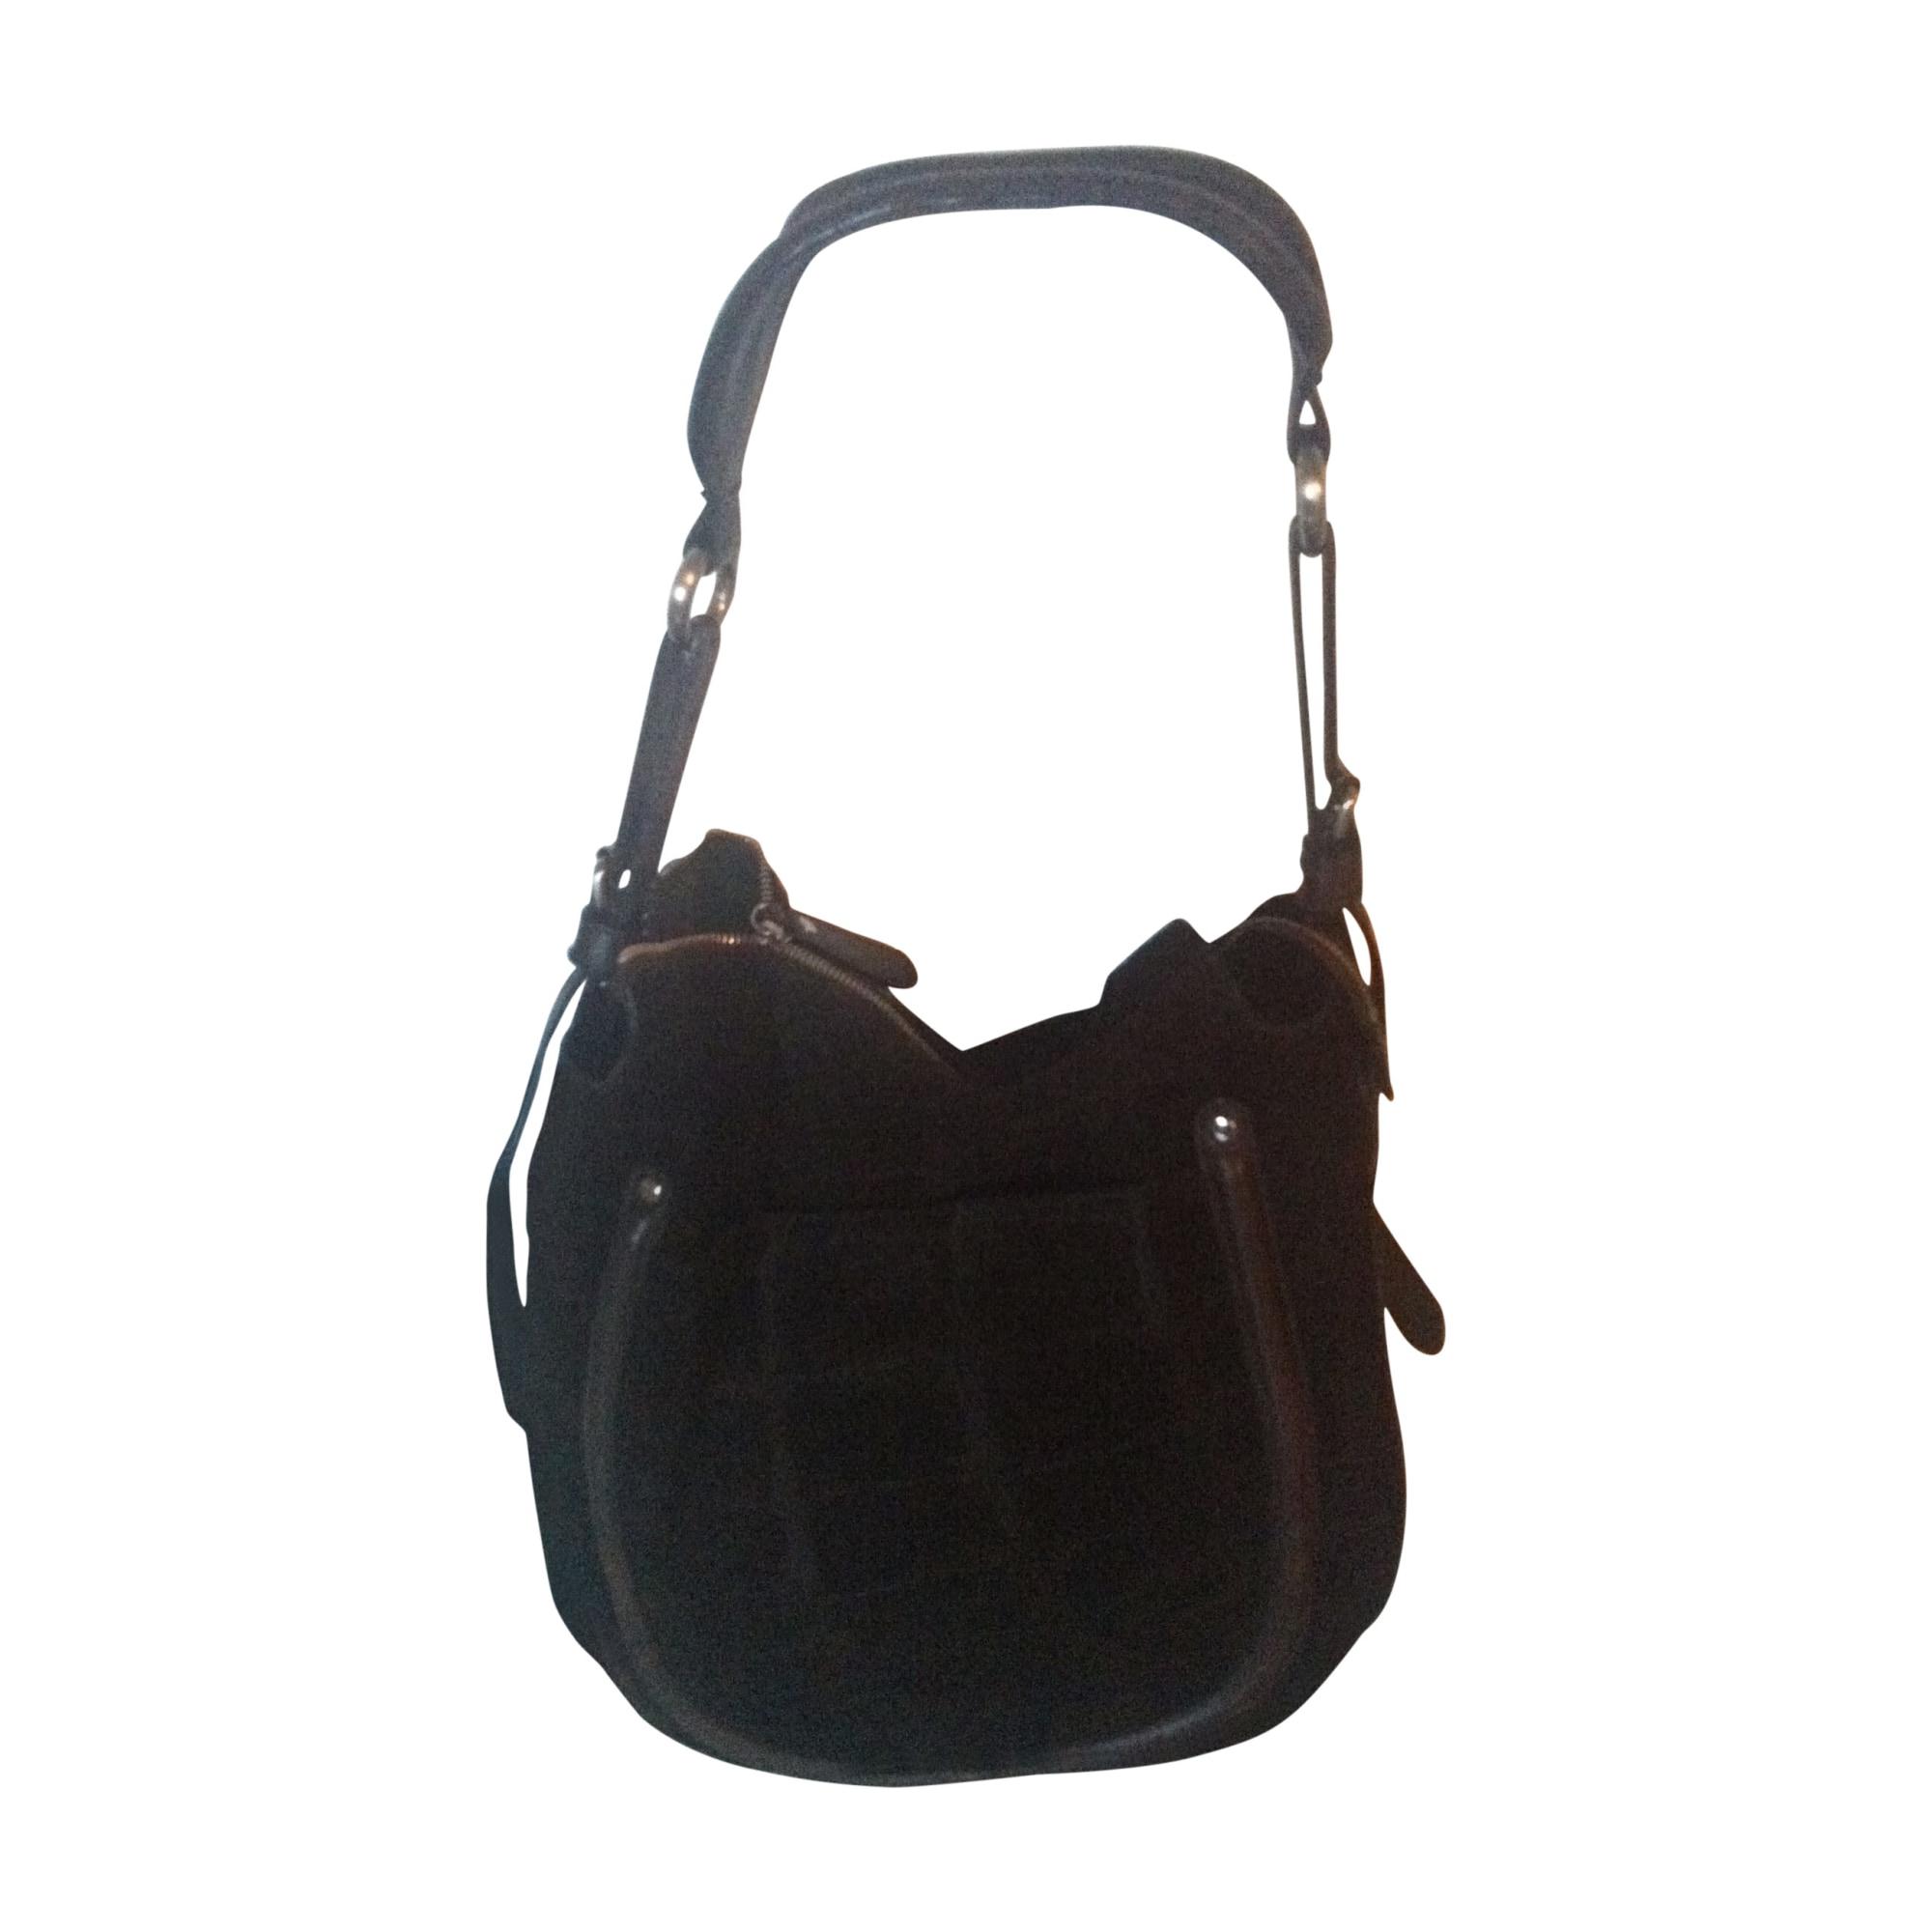 fea09f3c97bef Sac en bandoulière en cuir SEQUOIA marron vendu par Melie21843 - 1604204